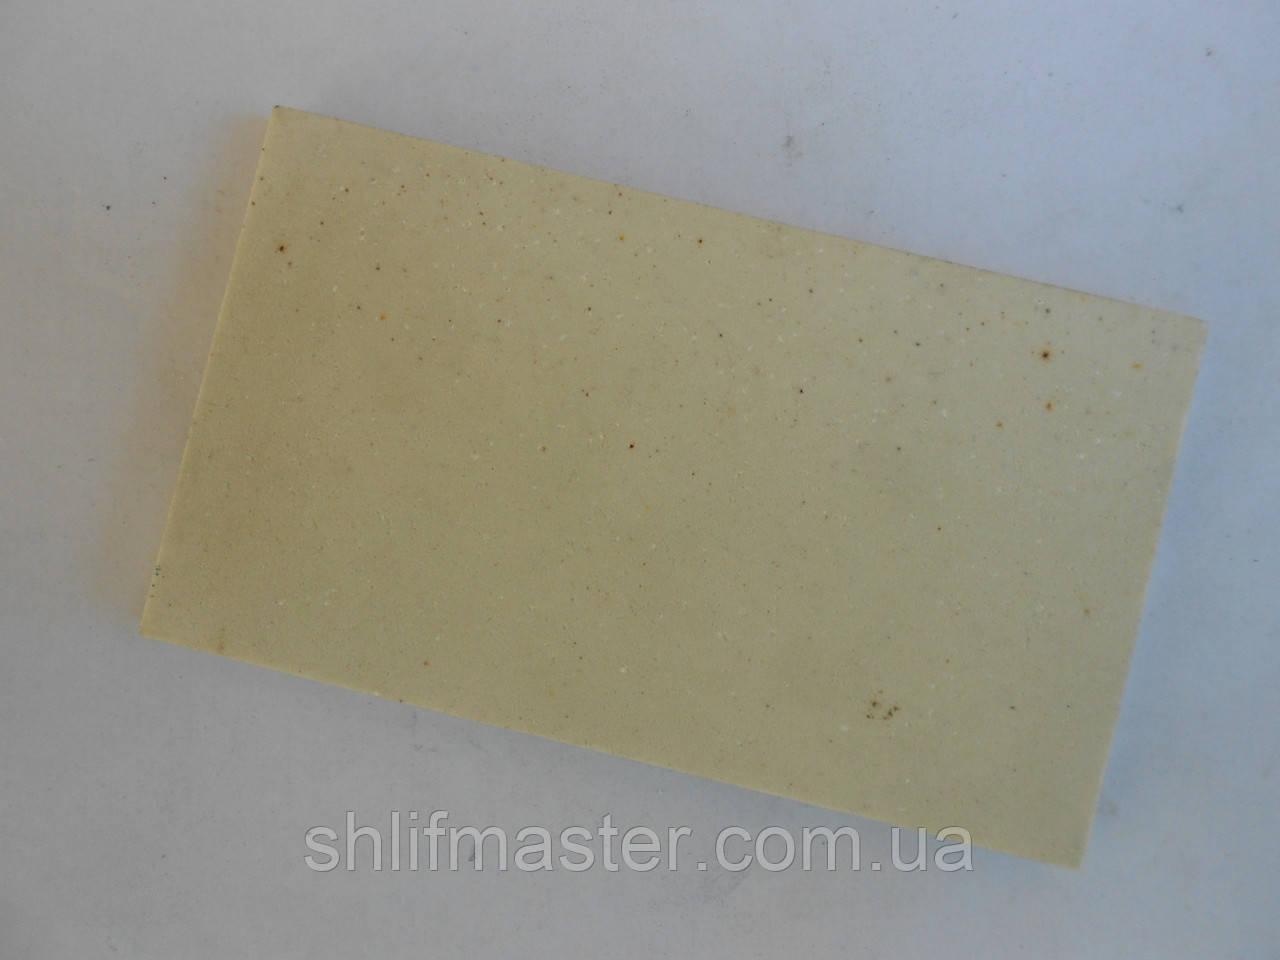 Брусок заточной абразивный 25А (электрокорунд белый) 110х70х10 8 СМ